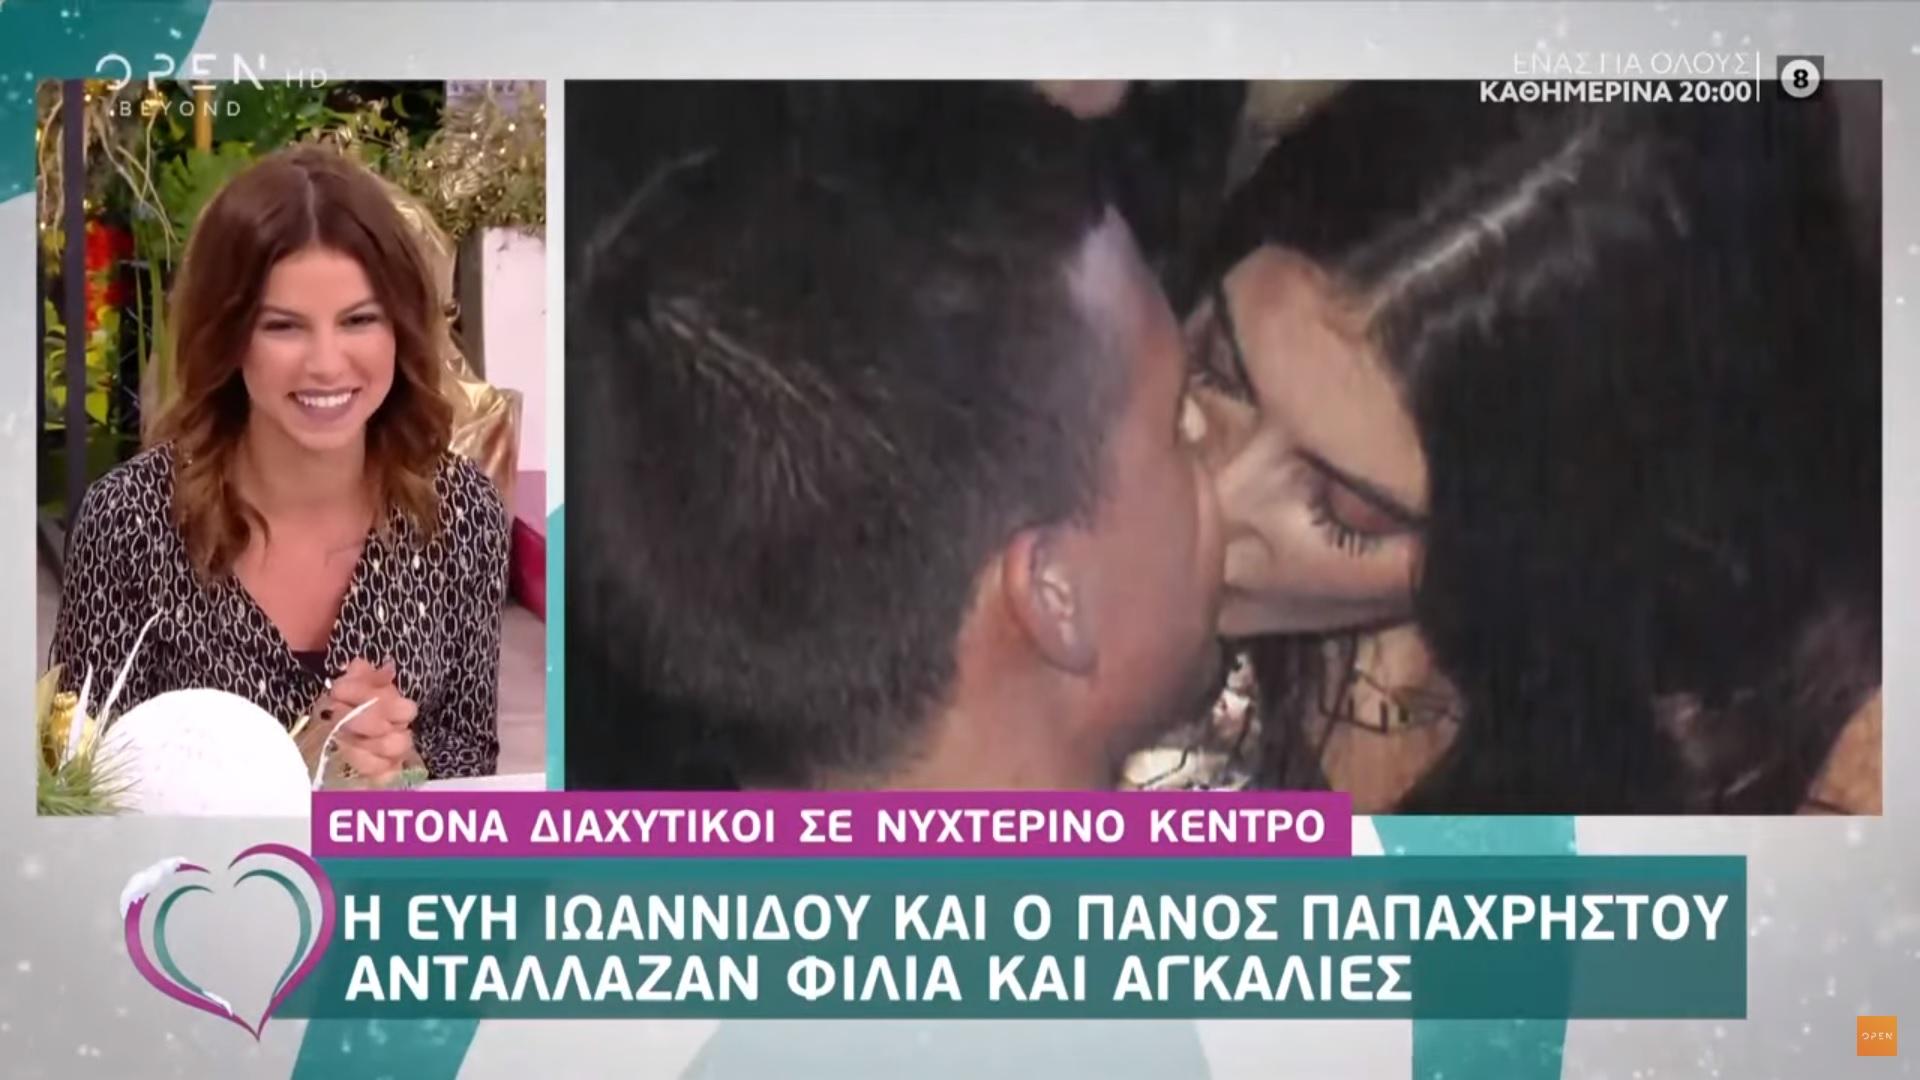 Έκπληκτη η Μέγκι Ντρίο on air – Η Εύη Ιωαννίδου σε τρυφερά ενσταντανέ με πρώην της [video]